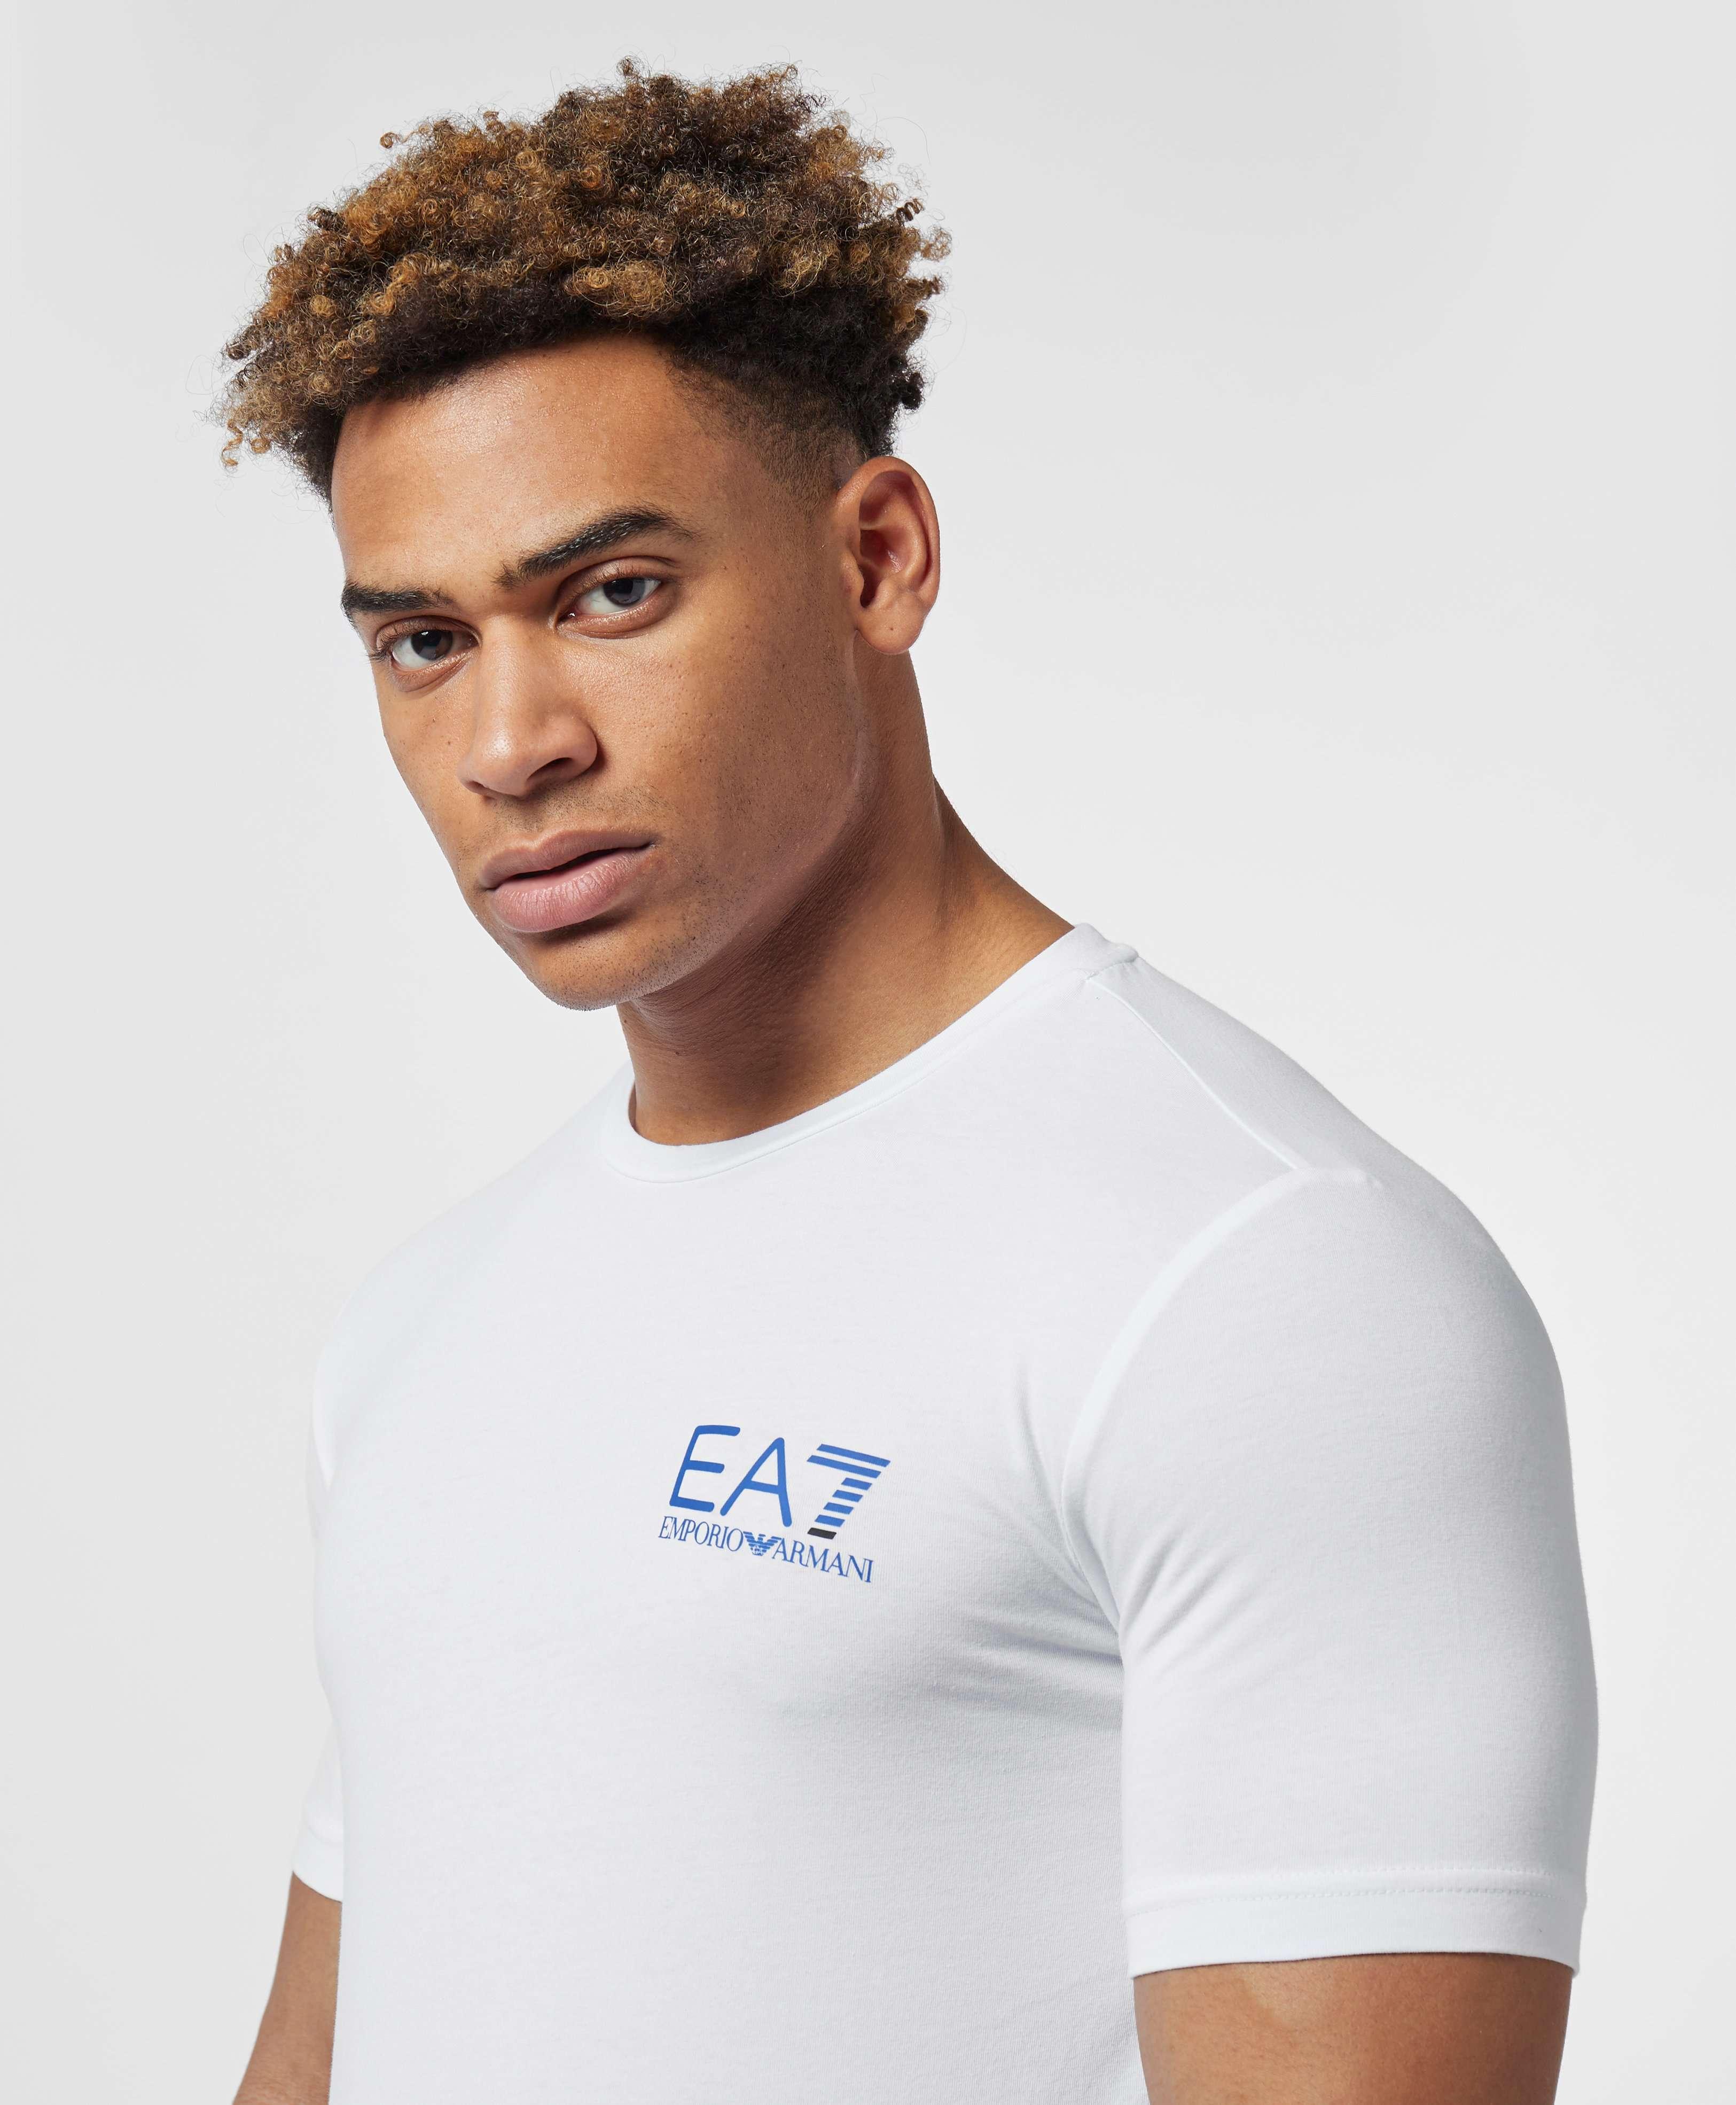 Emporio Armani EA7 Back Logo Short Sleeve T-Shirt